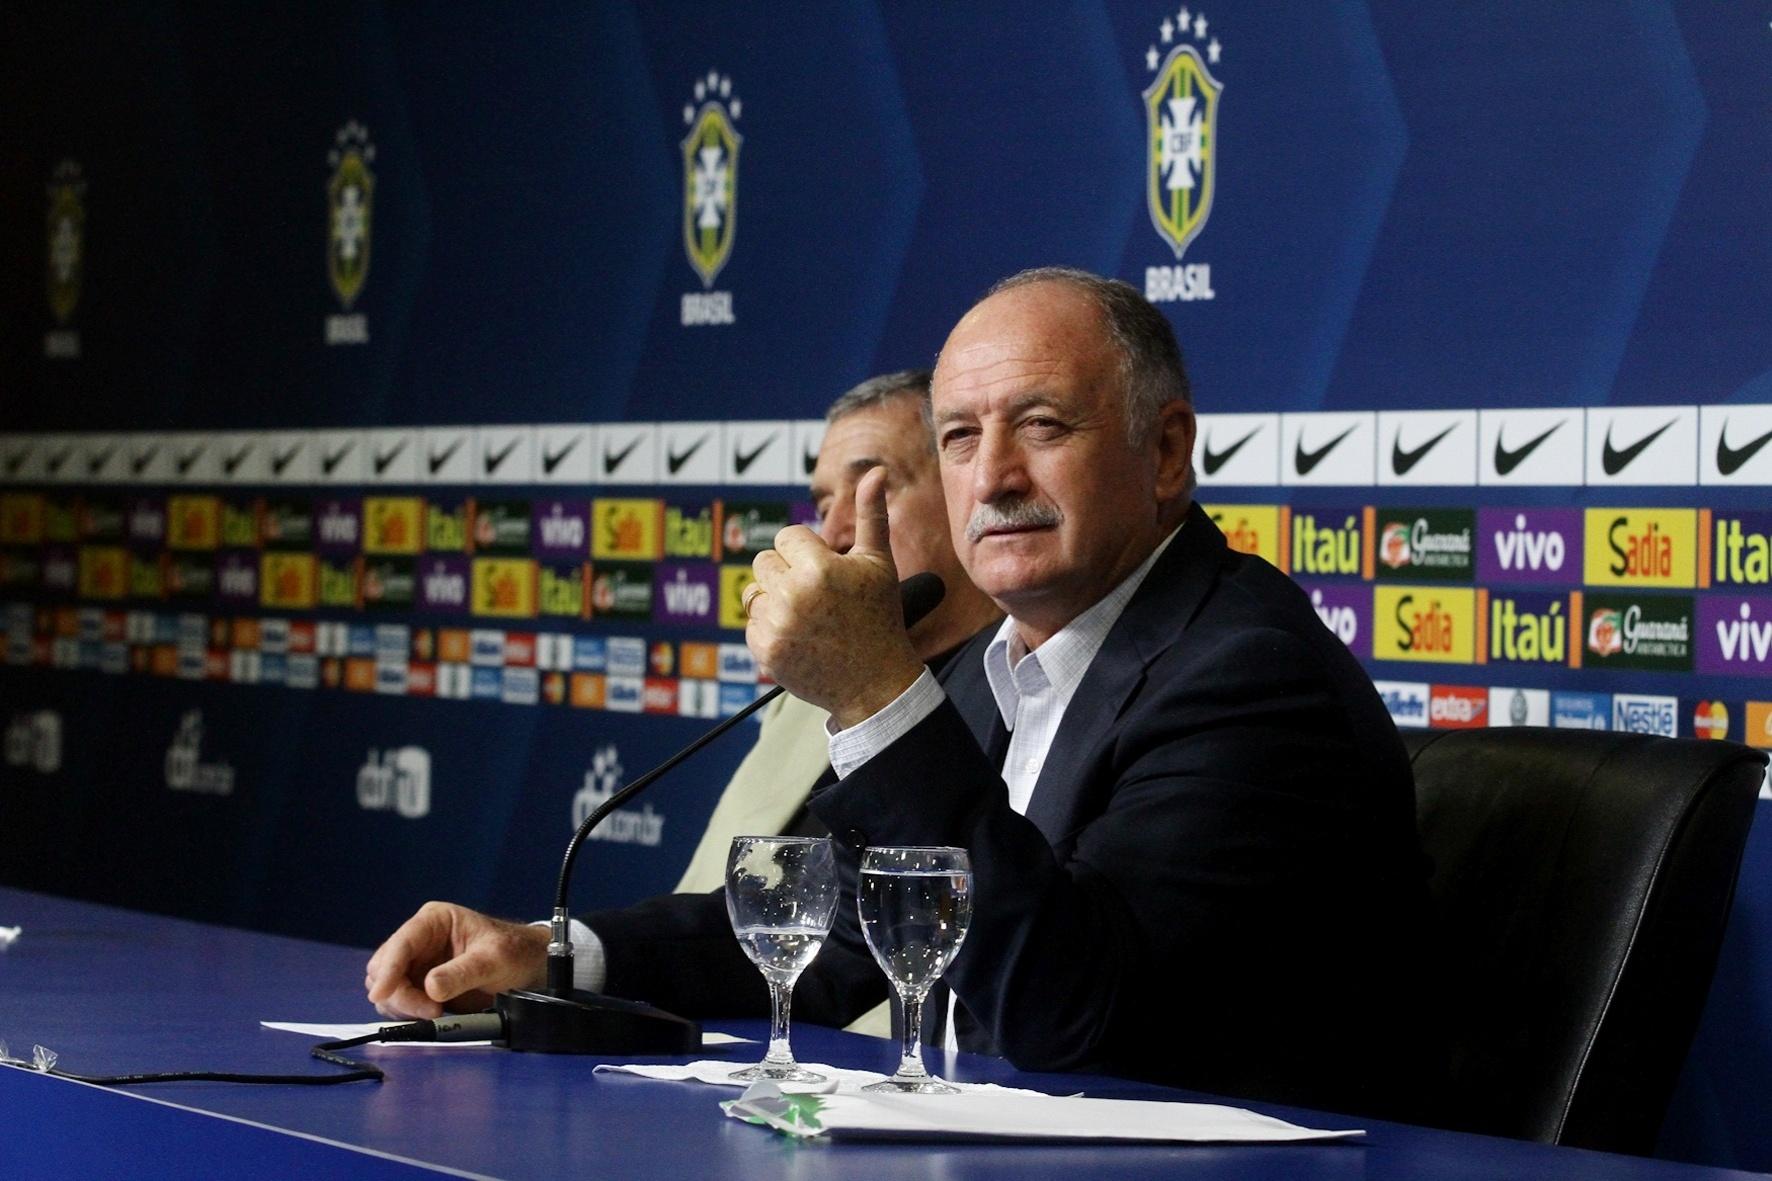 Luiz Felipe Scolari divulga lista de convocados para amistosos contra Austrália e Portugal